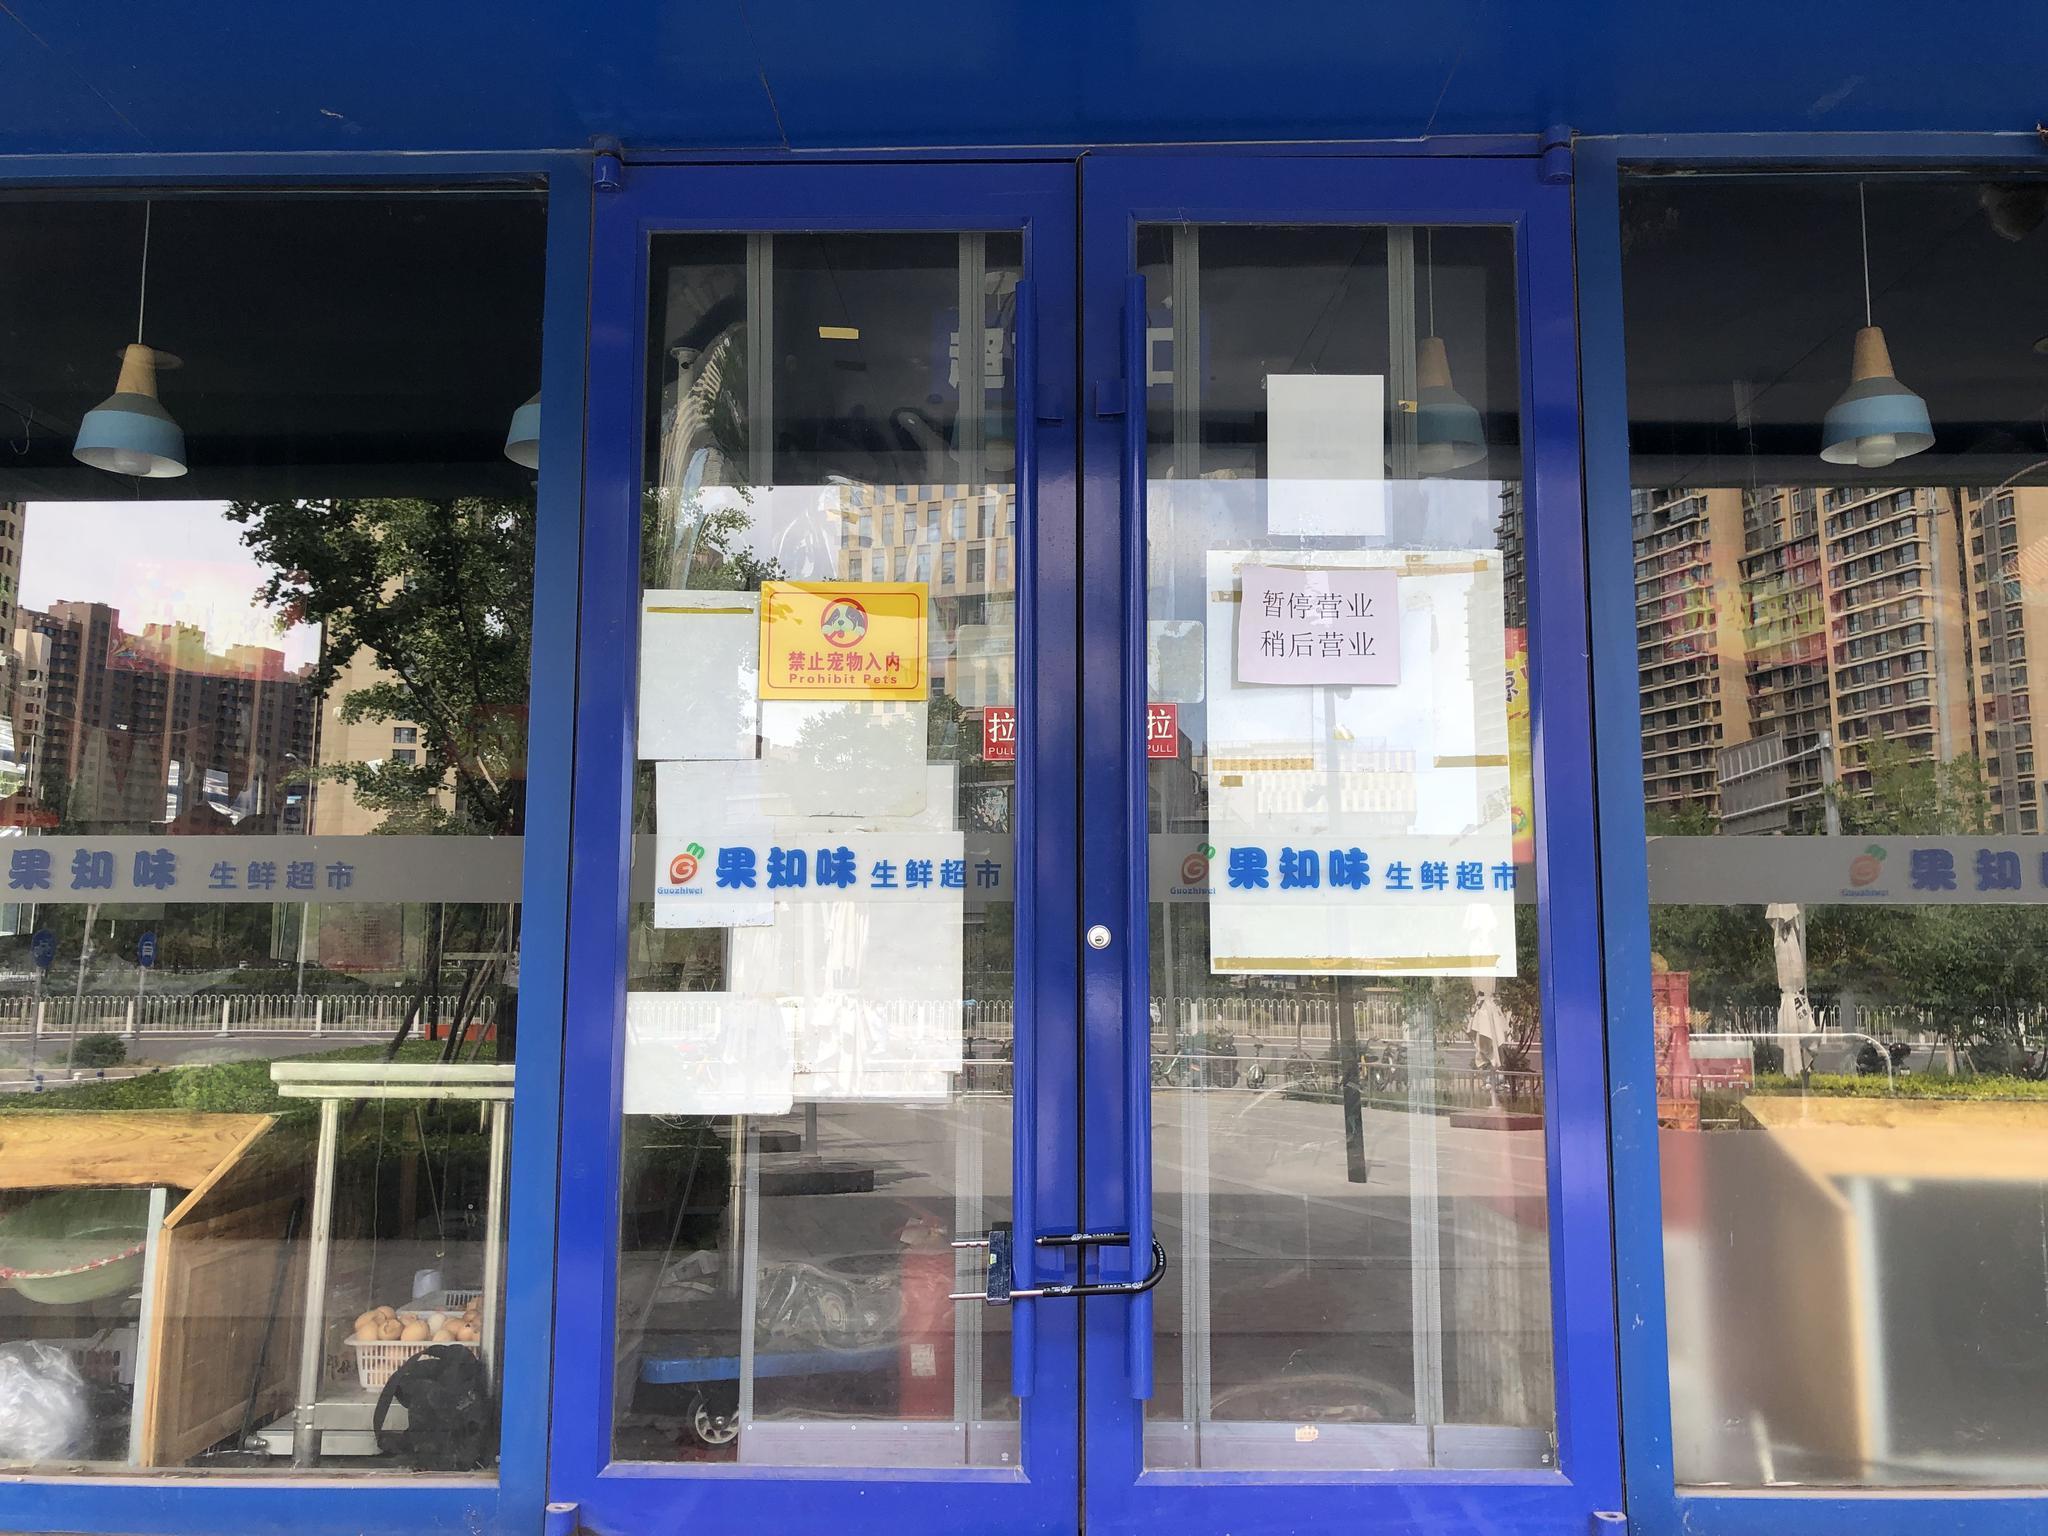 果知味超市已经暂停营业。新京报记者 张静姝 摄